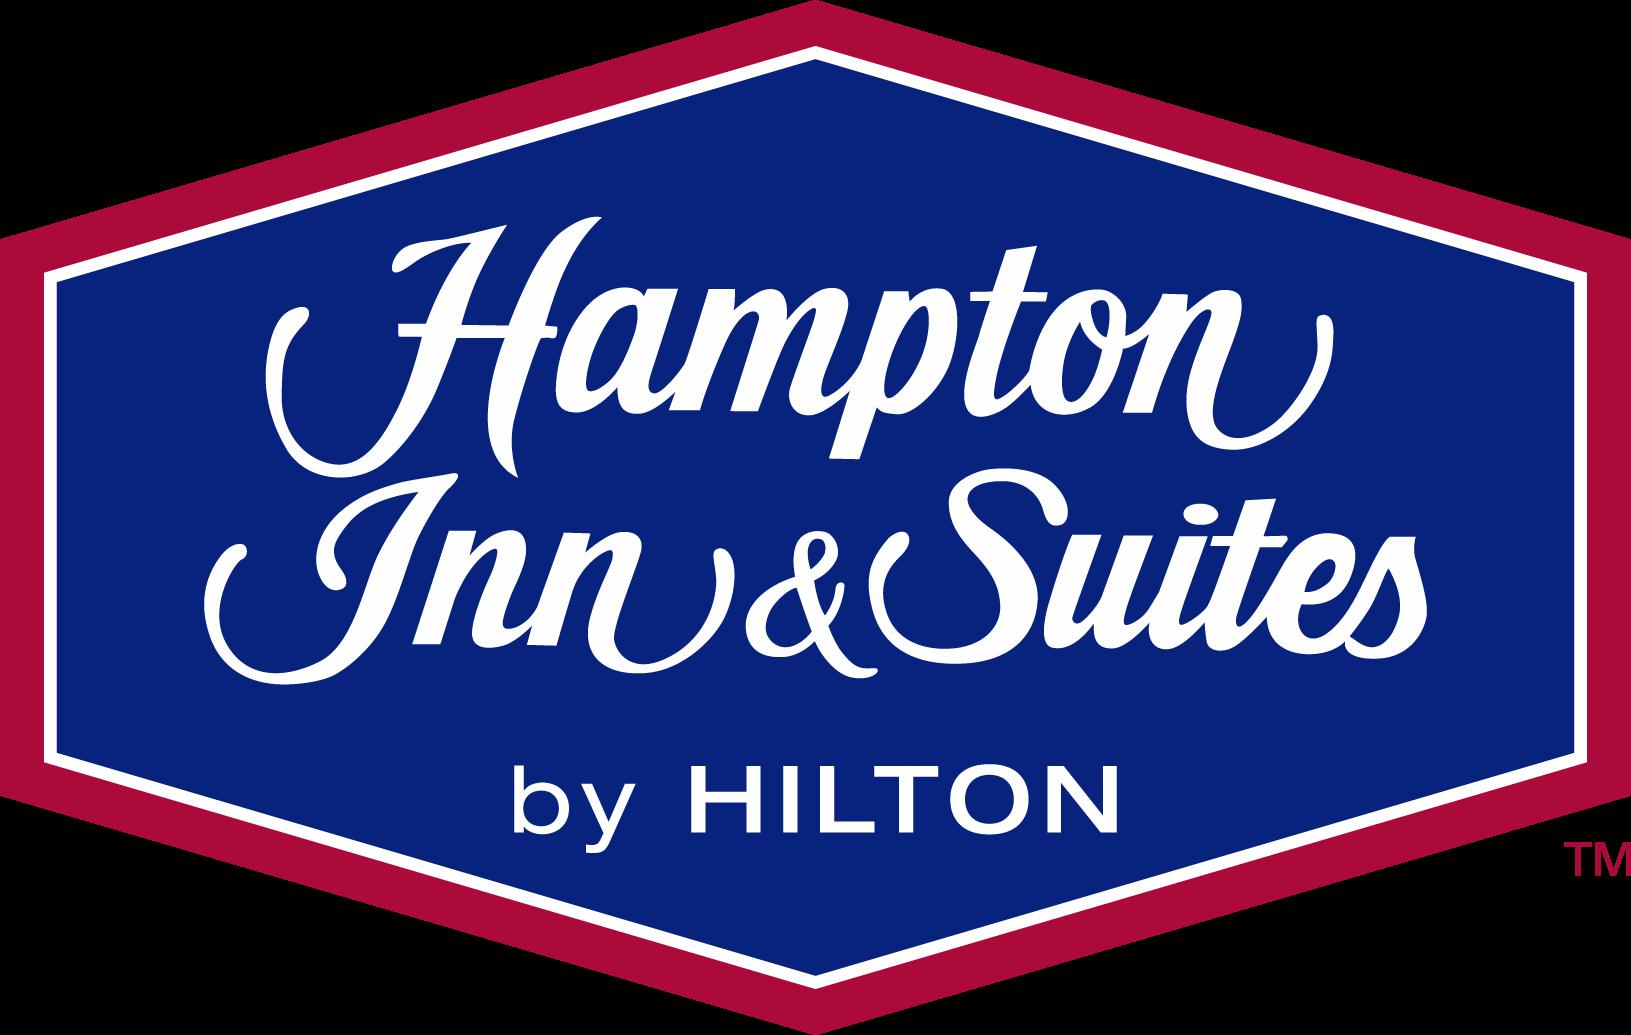 Hampton Inn & Suites by Hilton (Now Open!)